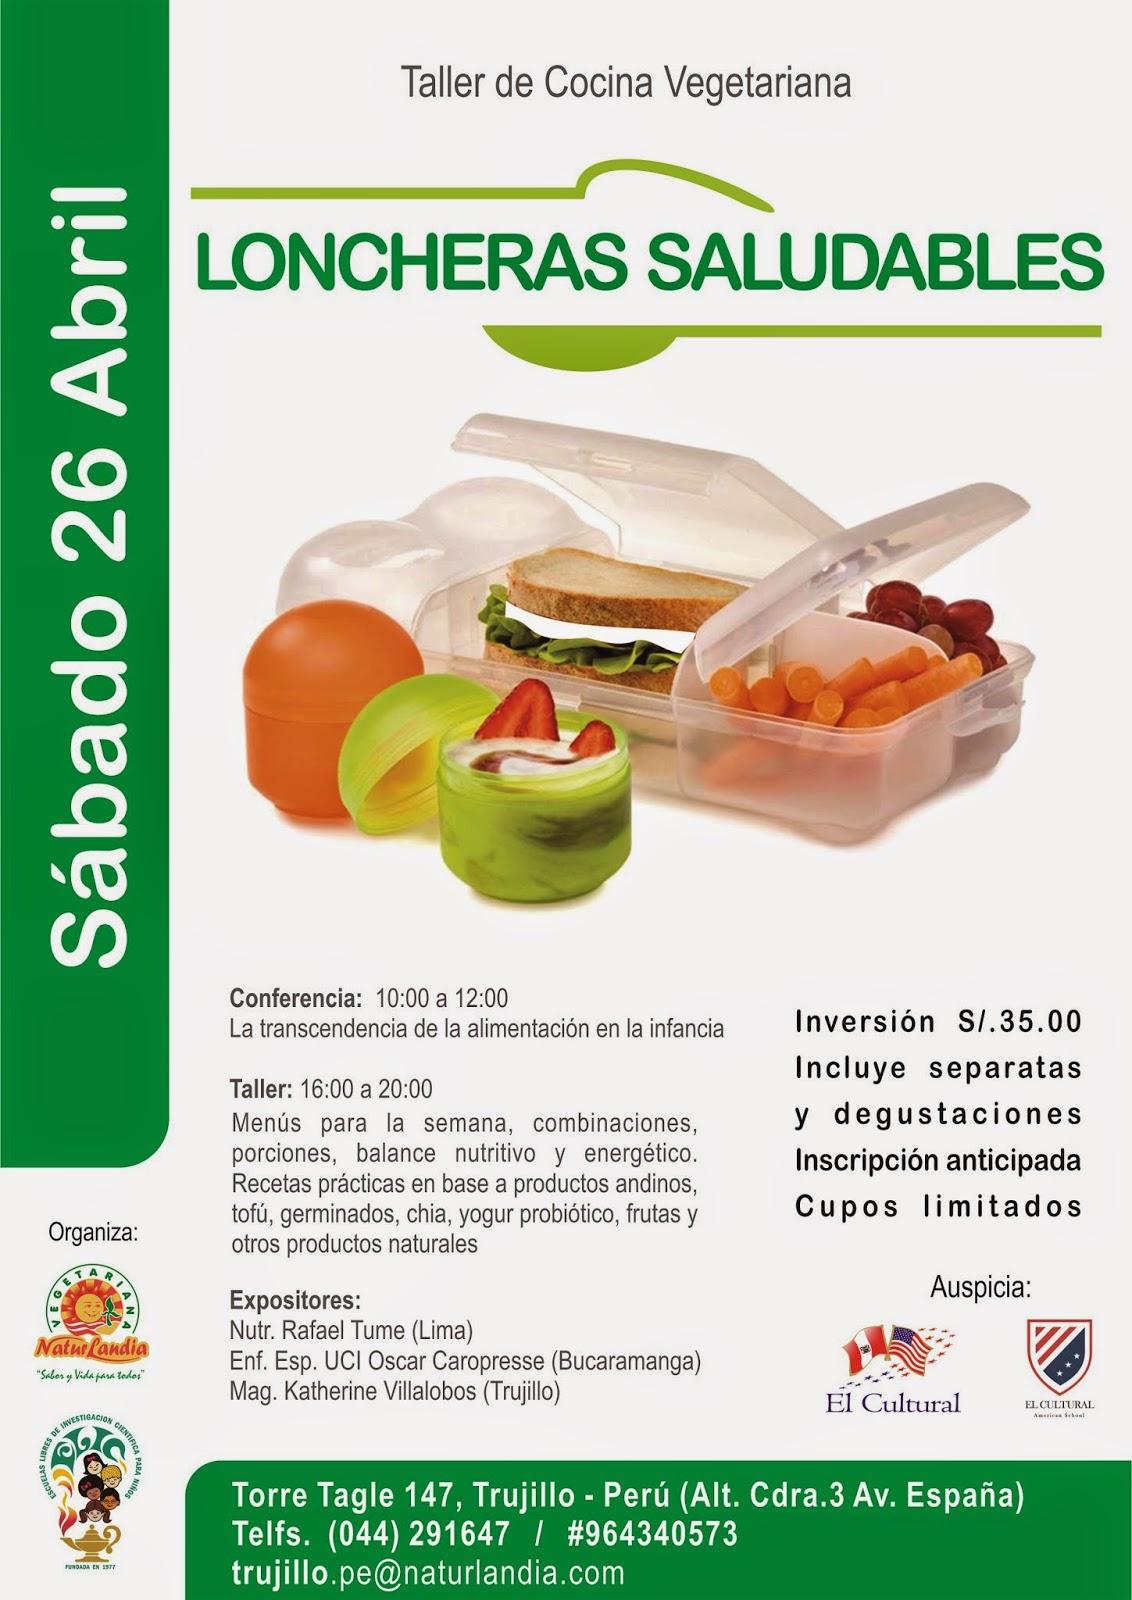 Naturlandia y fundaci n elic organizan taller de cocina - Escuela de cocina vegetariana ...